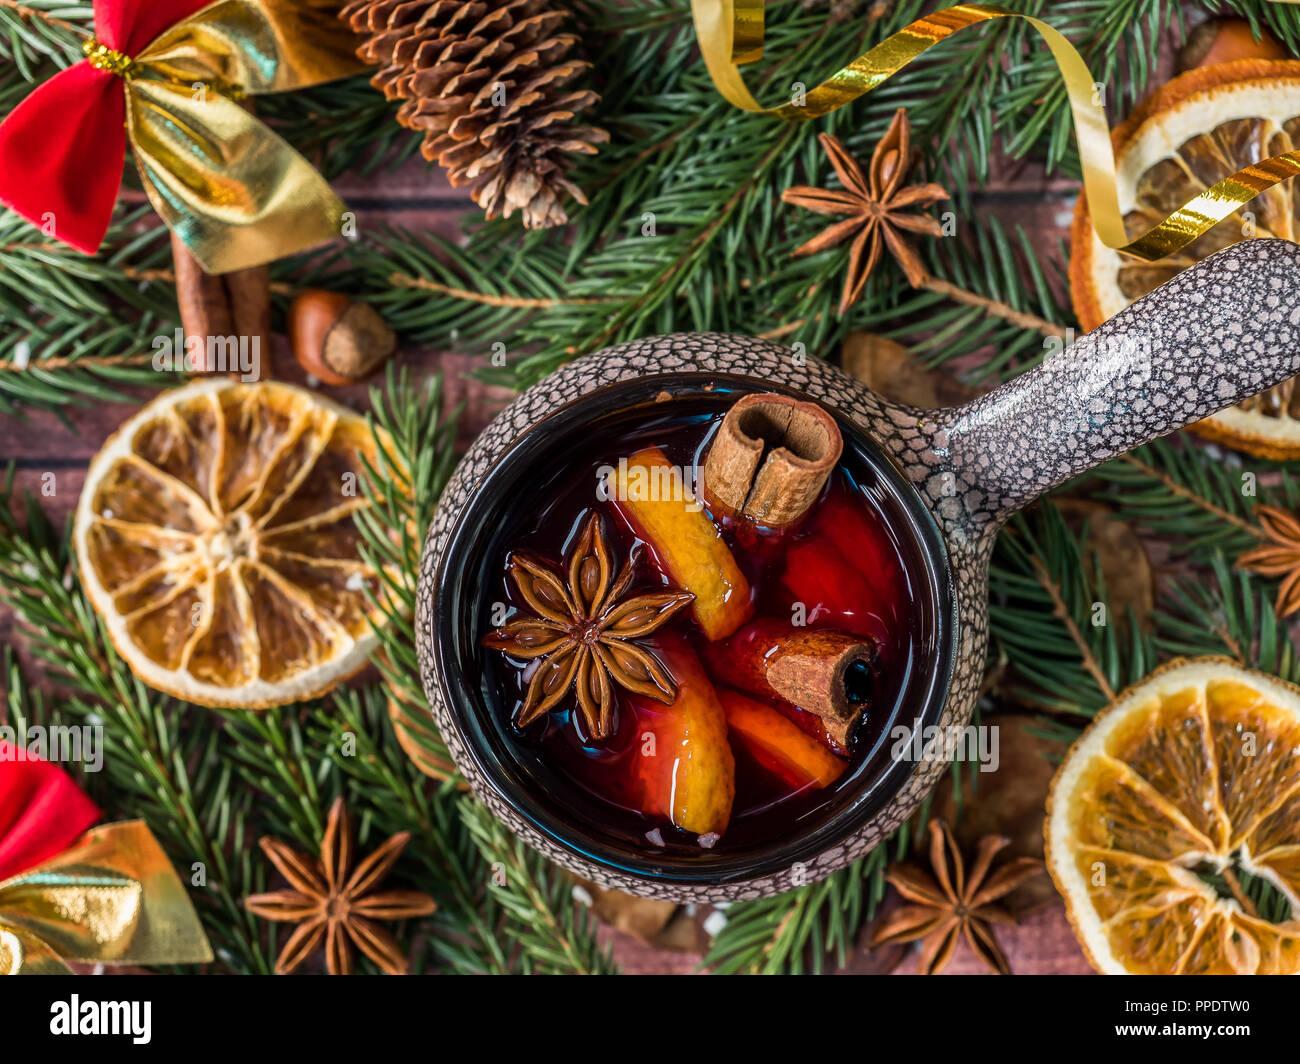 Weihnachten Glühwein mit Zimt, orange und Stern in einem Keramik Schüssel mit Winter Dekorationen Anis. Stockbild